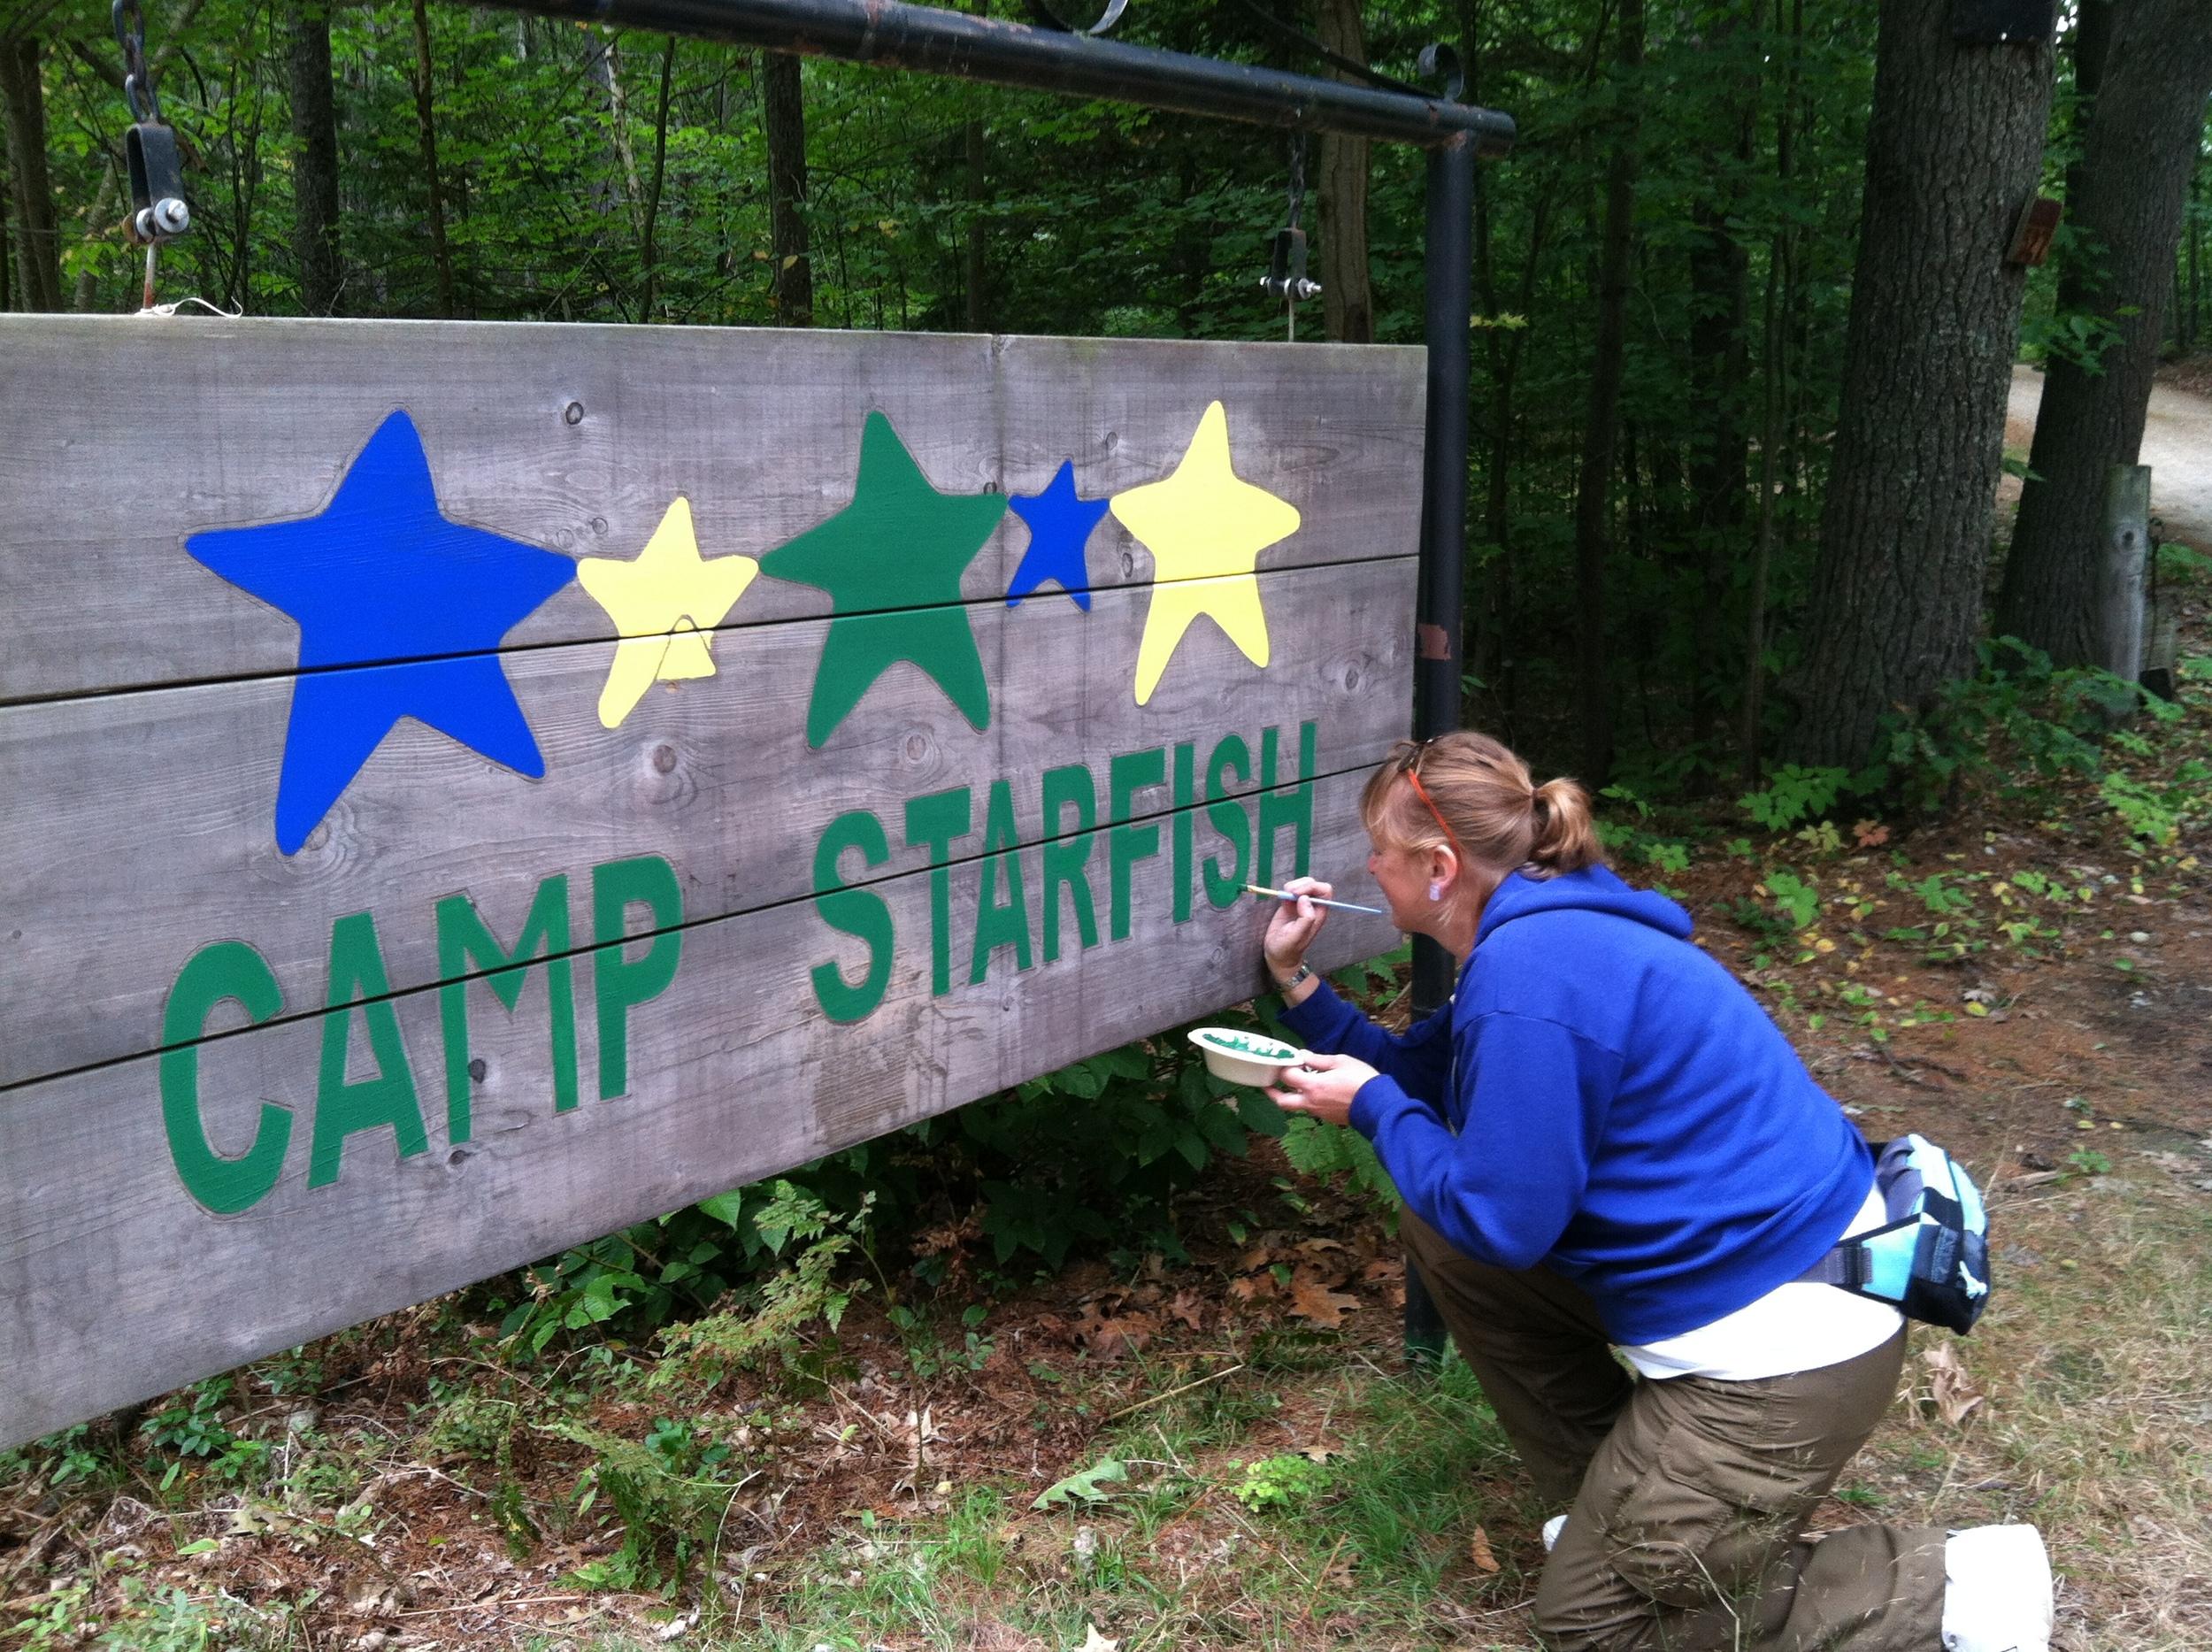 Camp Starfish